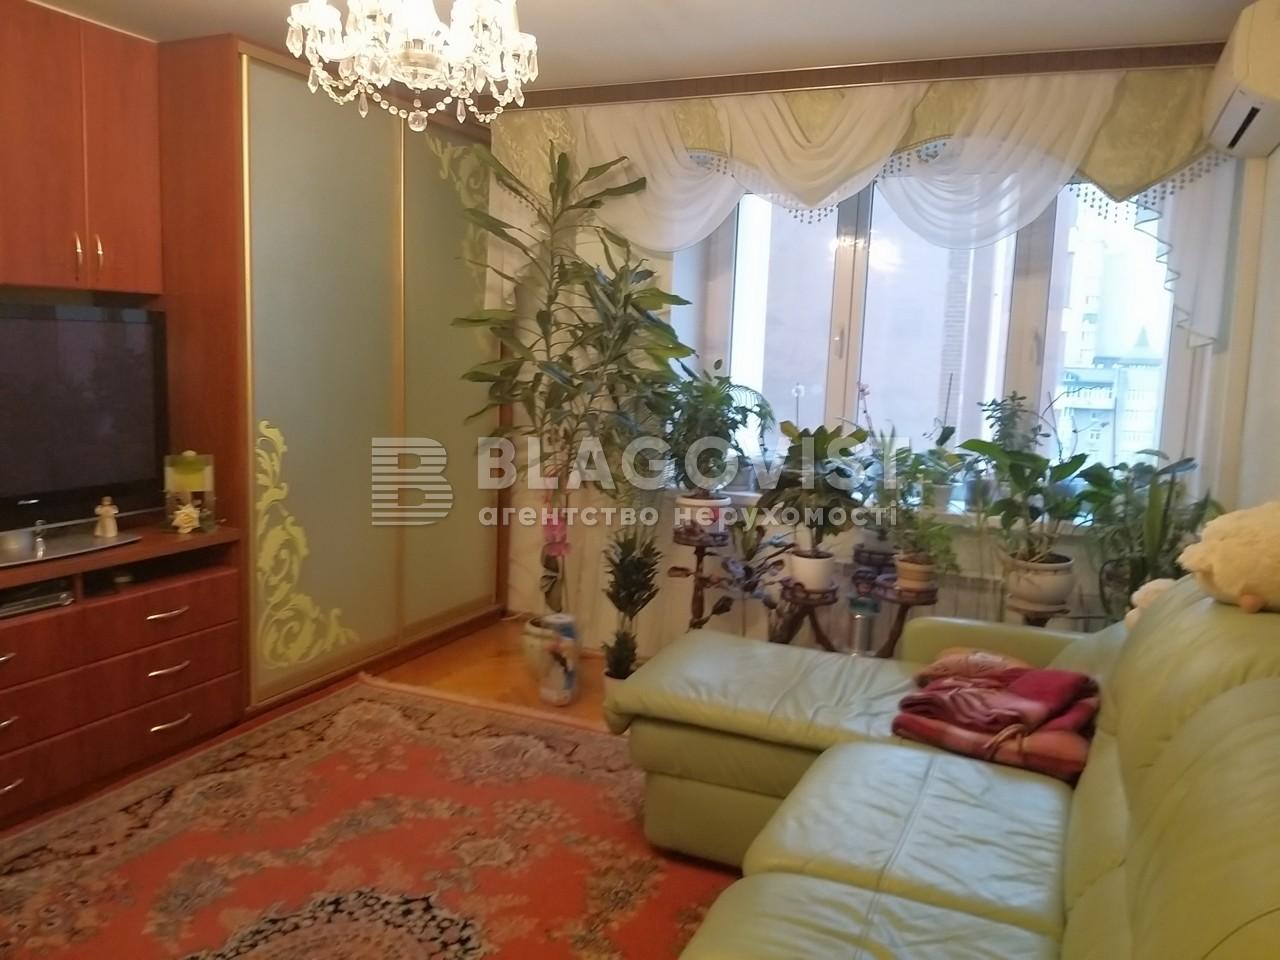 Квартира H-48780, Антоновича (Горького), 158, Киев - Фото 8